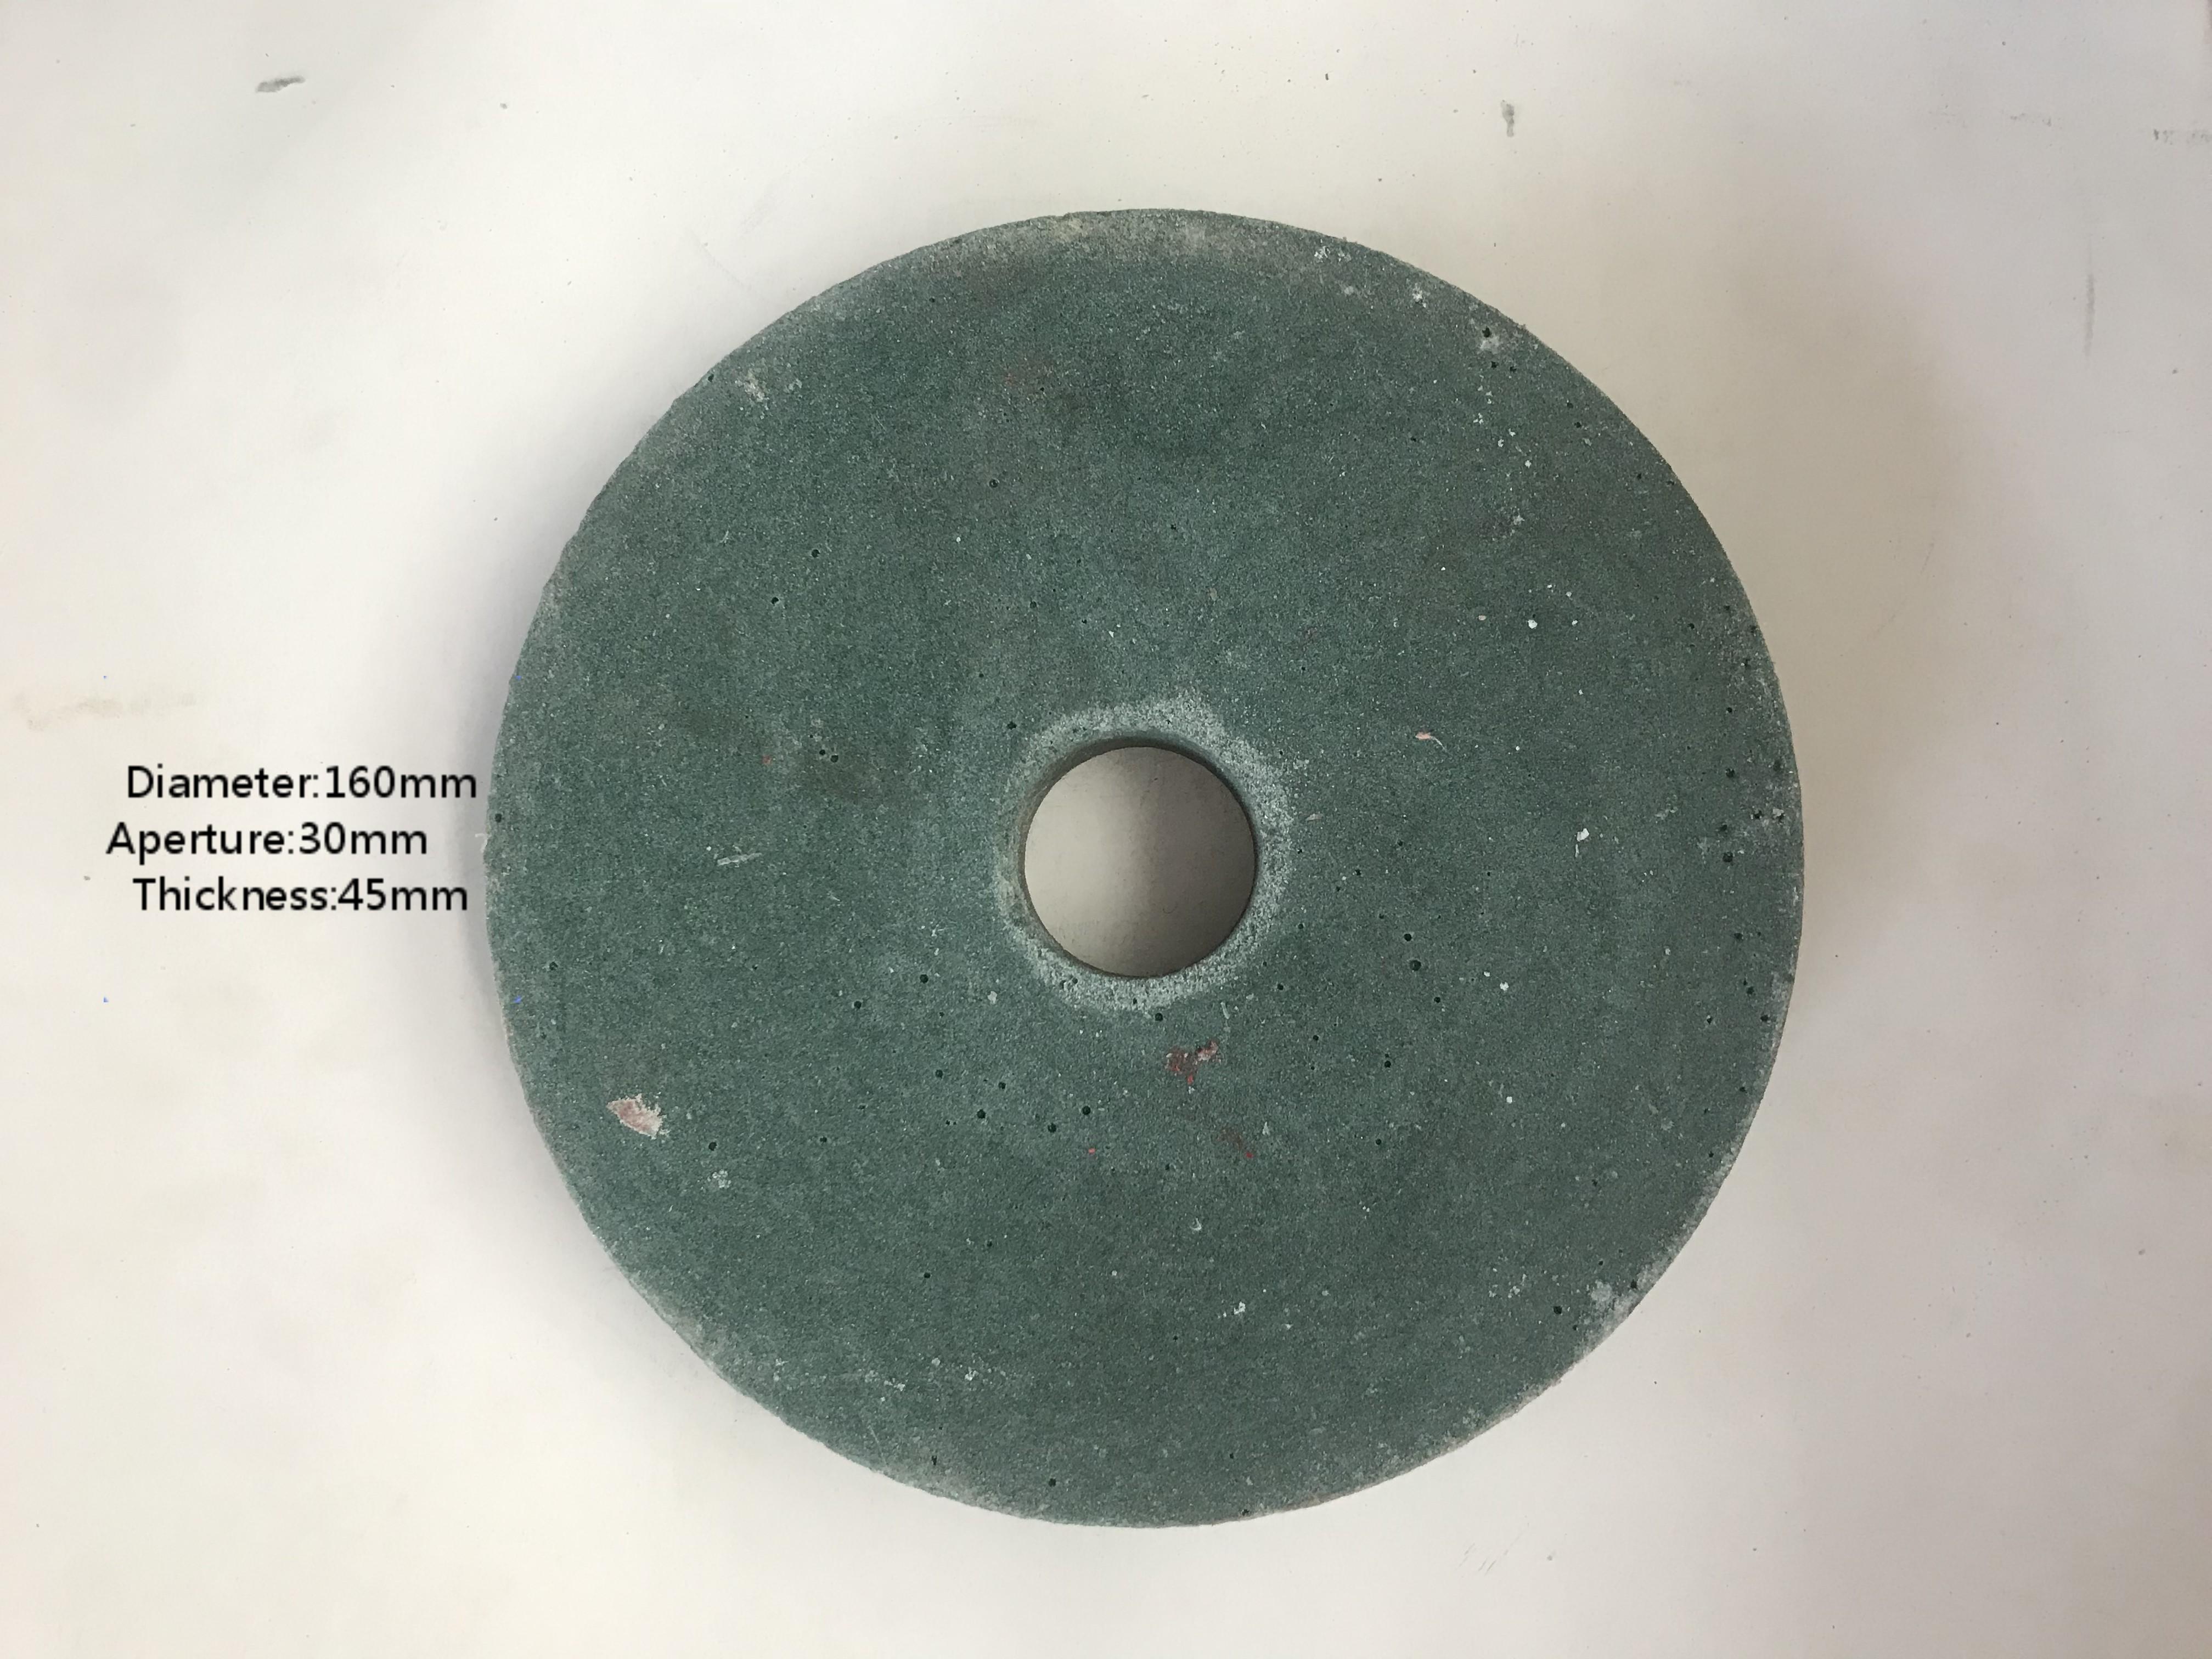 T.45mm sresin wheel